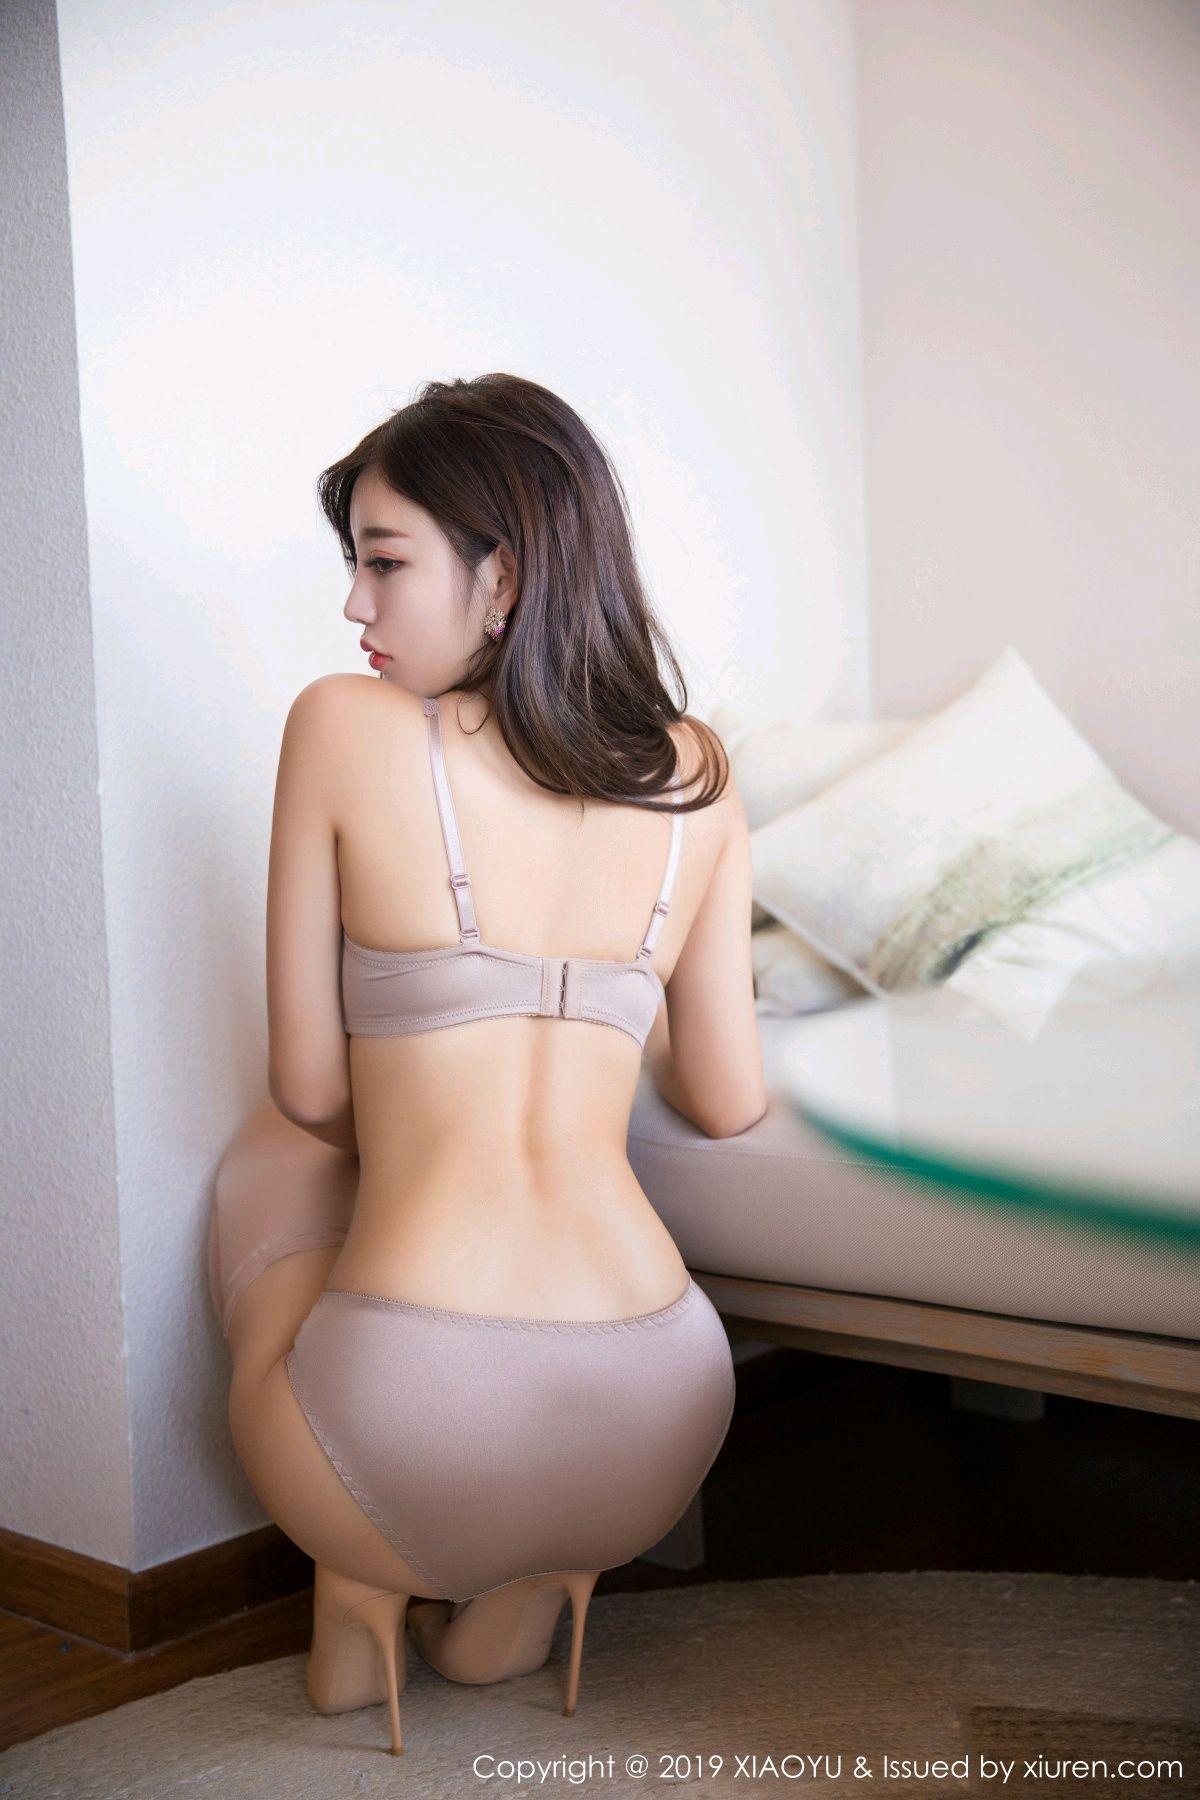 [XiaoYu] Vol.067 Yang Chen Chen 40P, Beach, Underwear, XiaoYu, Yang Chen Chen